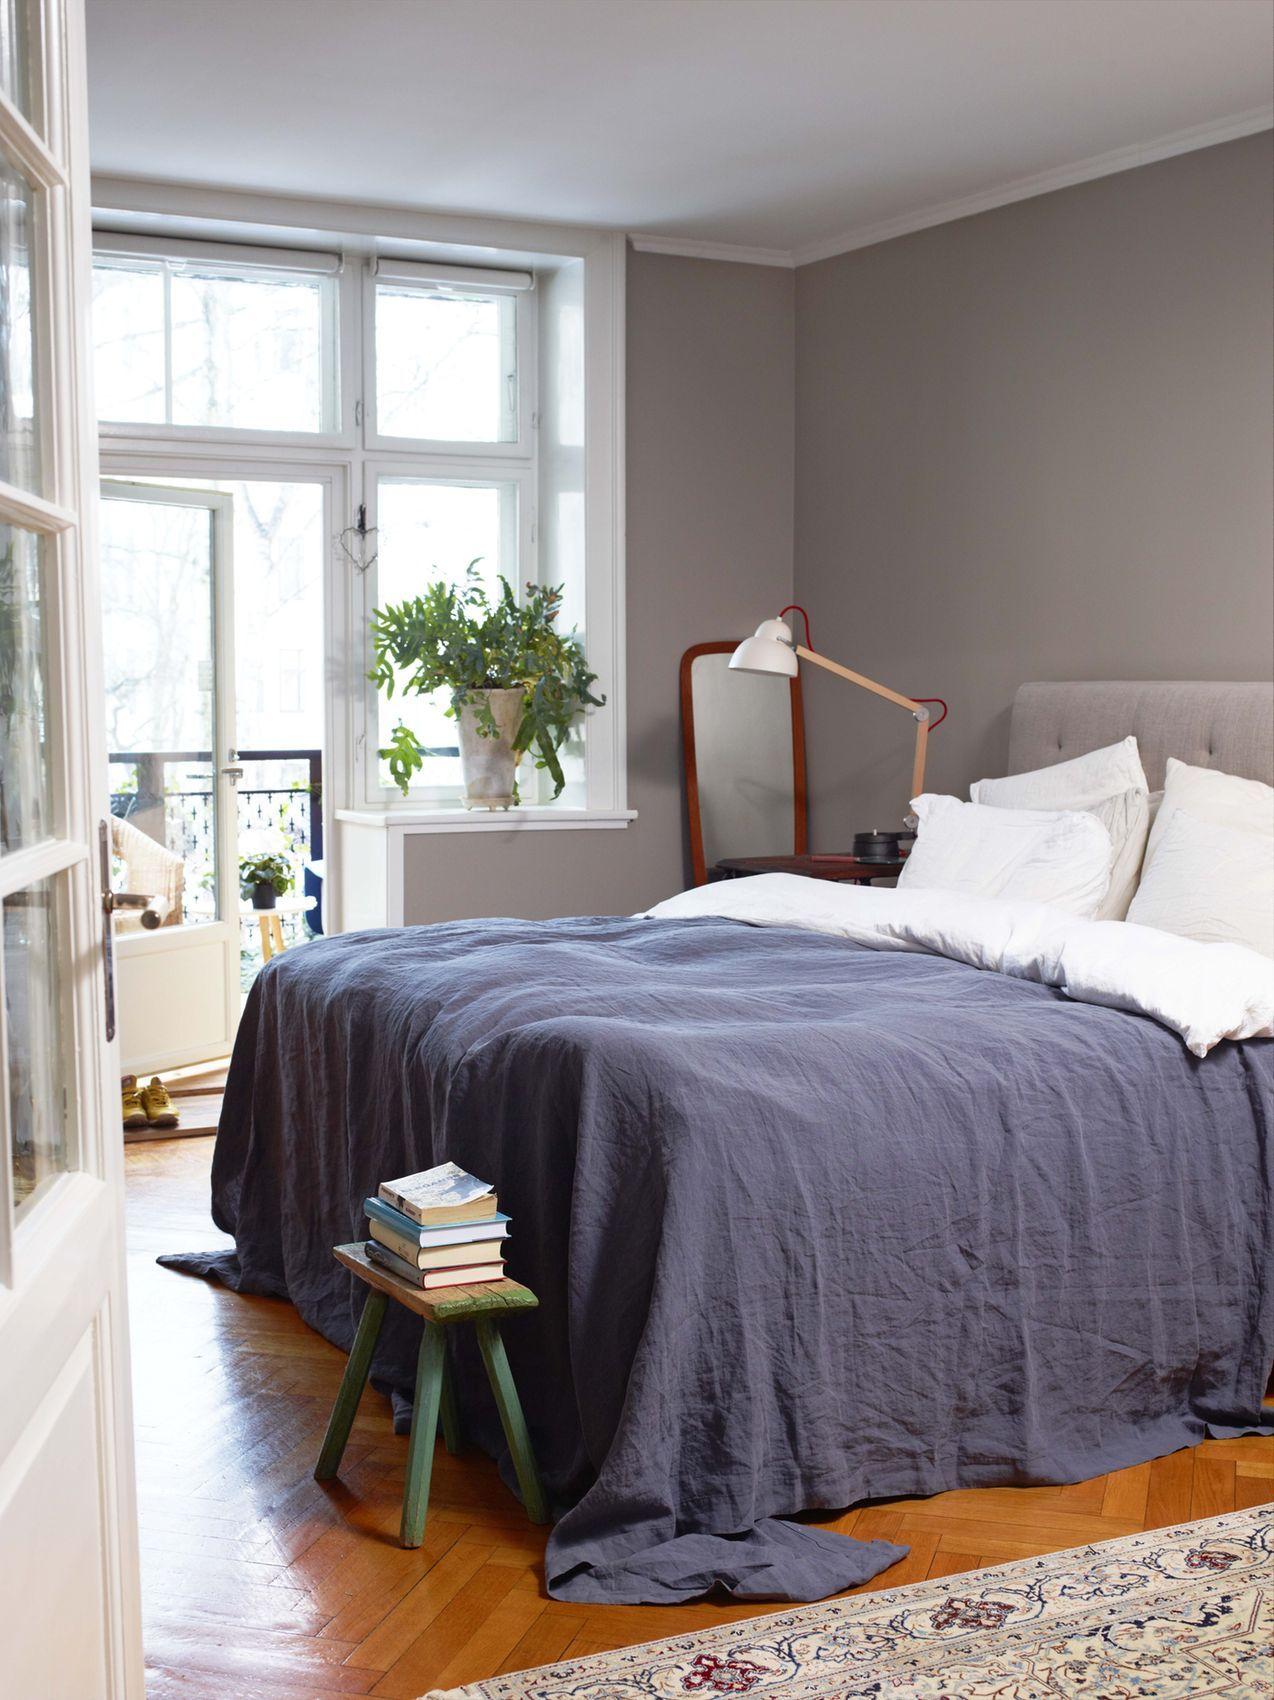 Kalkgr 229 Jotun Livingroom Pinterest